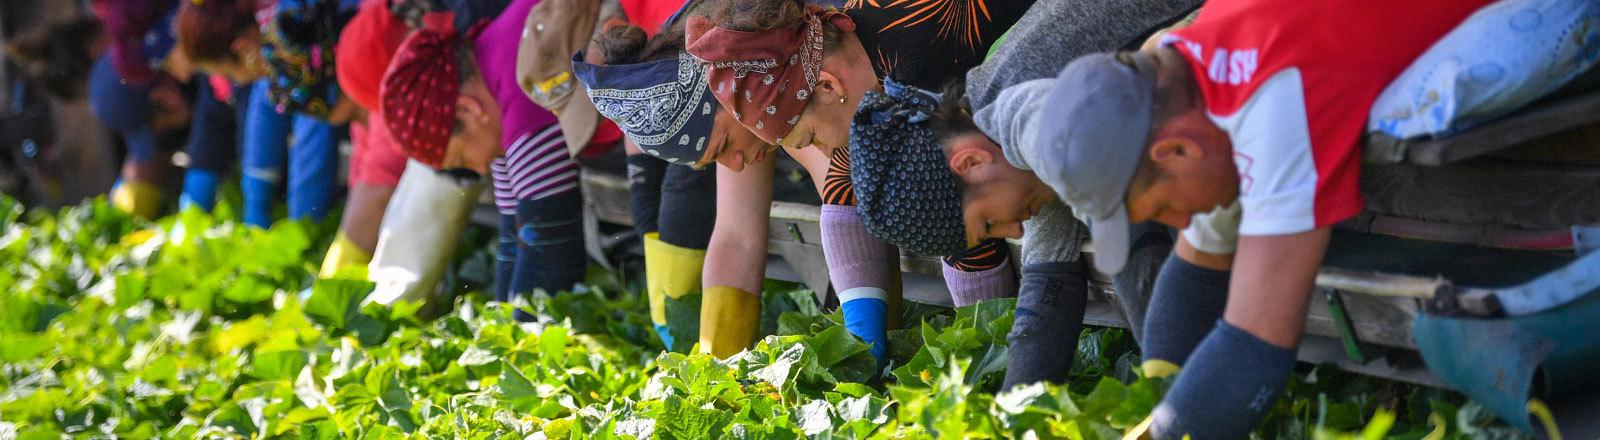 14.06.2018, Brandenburg, Sellendorf: Erntehelfer aus Rumänien liegen auf einem sogenannten Gurkenflieger und pflücken Einlegegurken auf einem Feld des Spreewaldbauern Ricken.